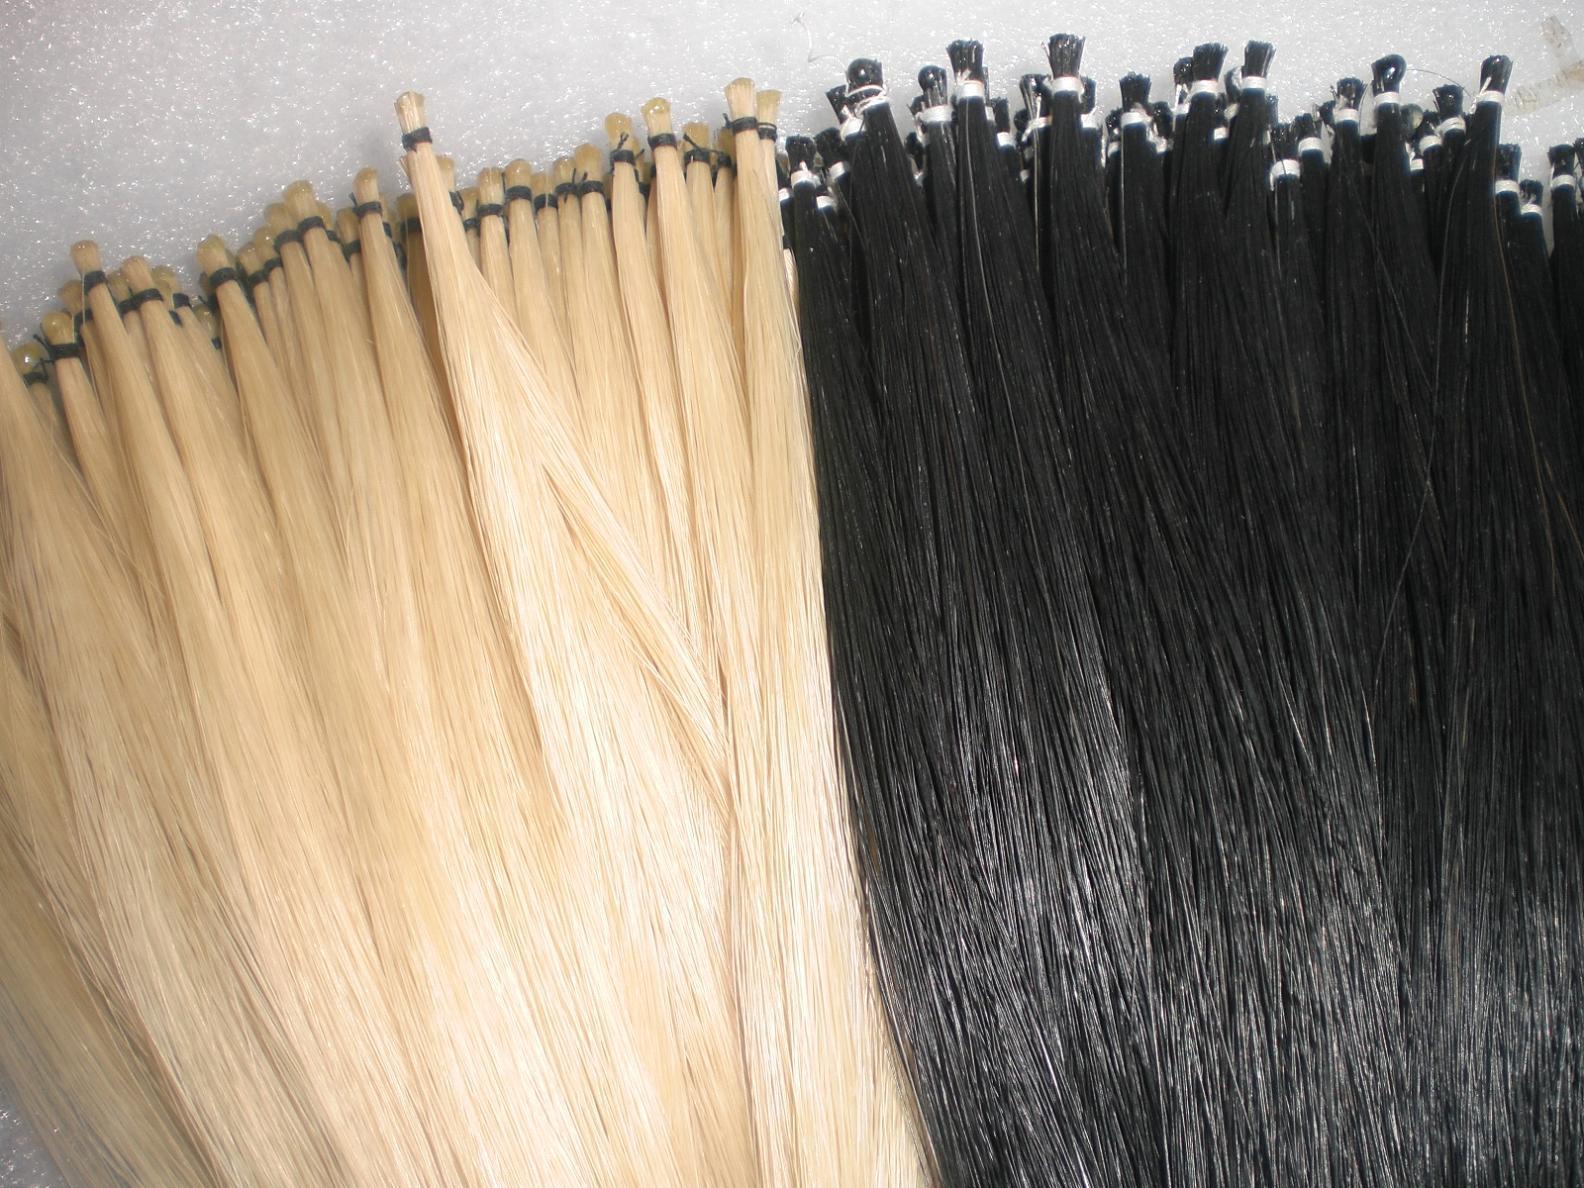 15 هانكس الأسود القوس الشعر و 15 هانكس الأبيض القوس الشعر كل 32 بوصة 6 غرام منغوليا شعر الخيل الشحن المجاني